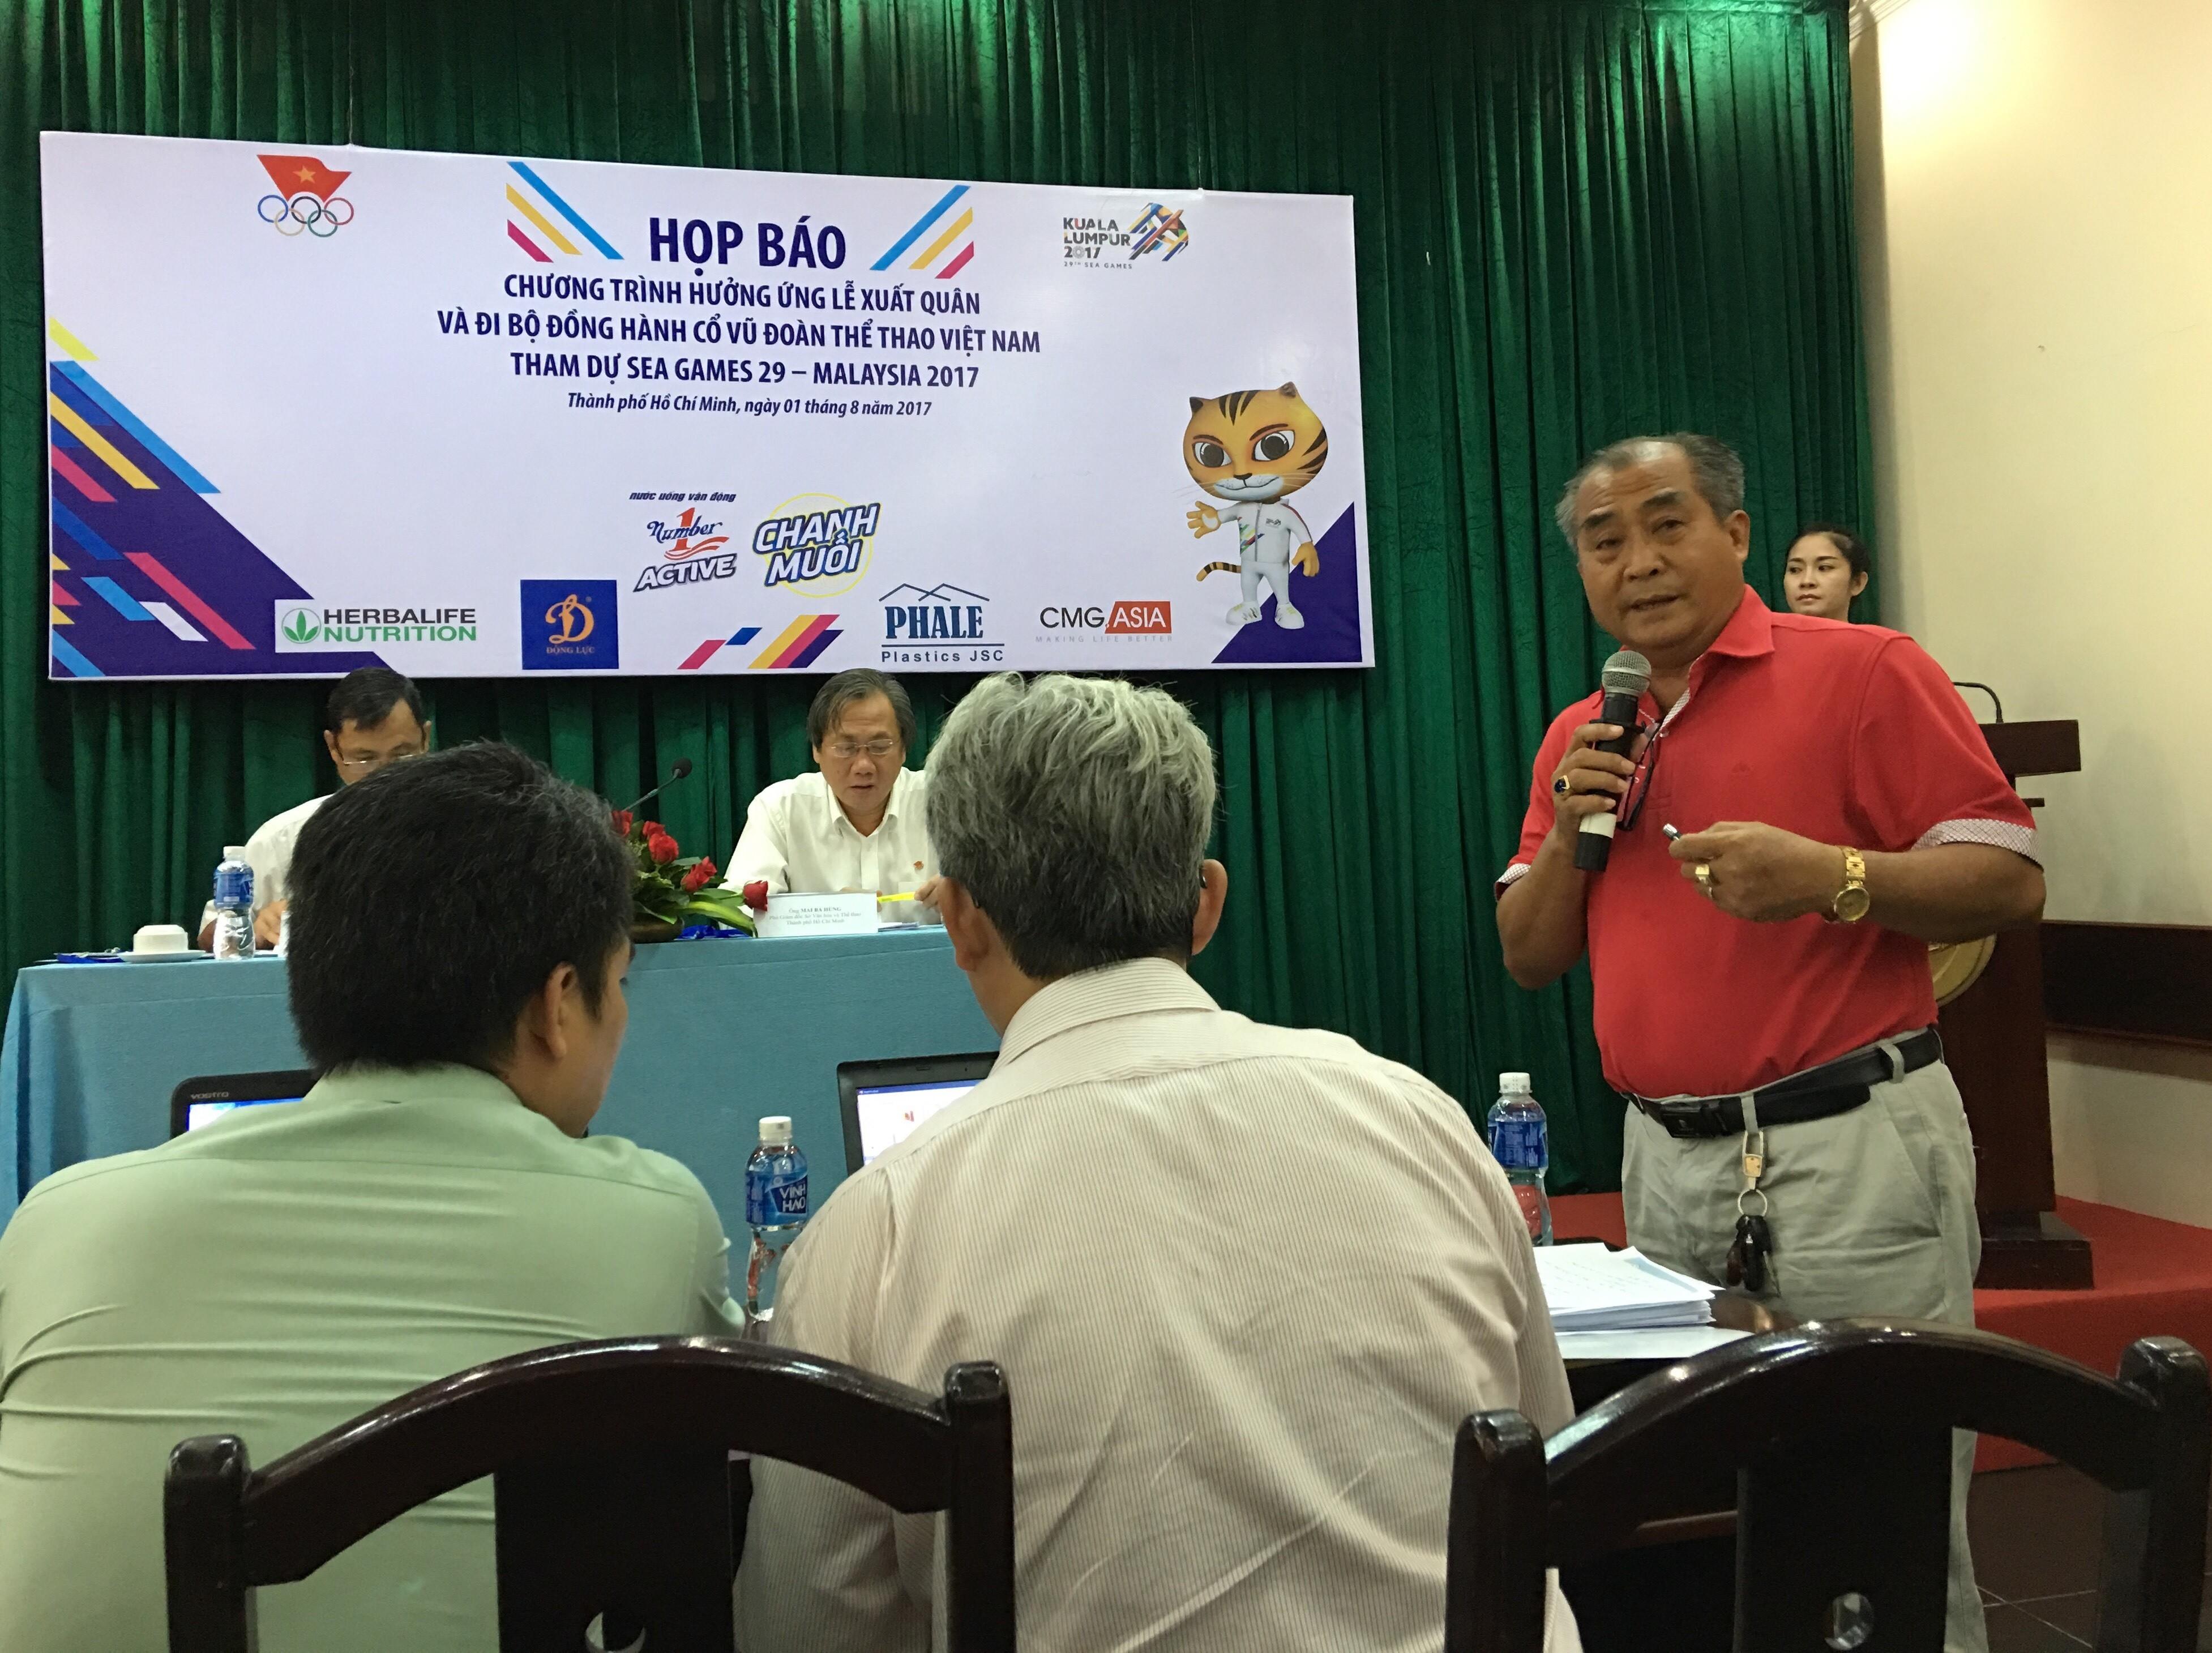 Chính trị - Xã hội - Tân Hiệp Phát tiếp tục đồng hành cùng chương trình đi bộ hưởng ứng lễ xuất quân cổ vũ đoàn thể thao Việt Nam tham sự SEA Games 29